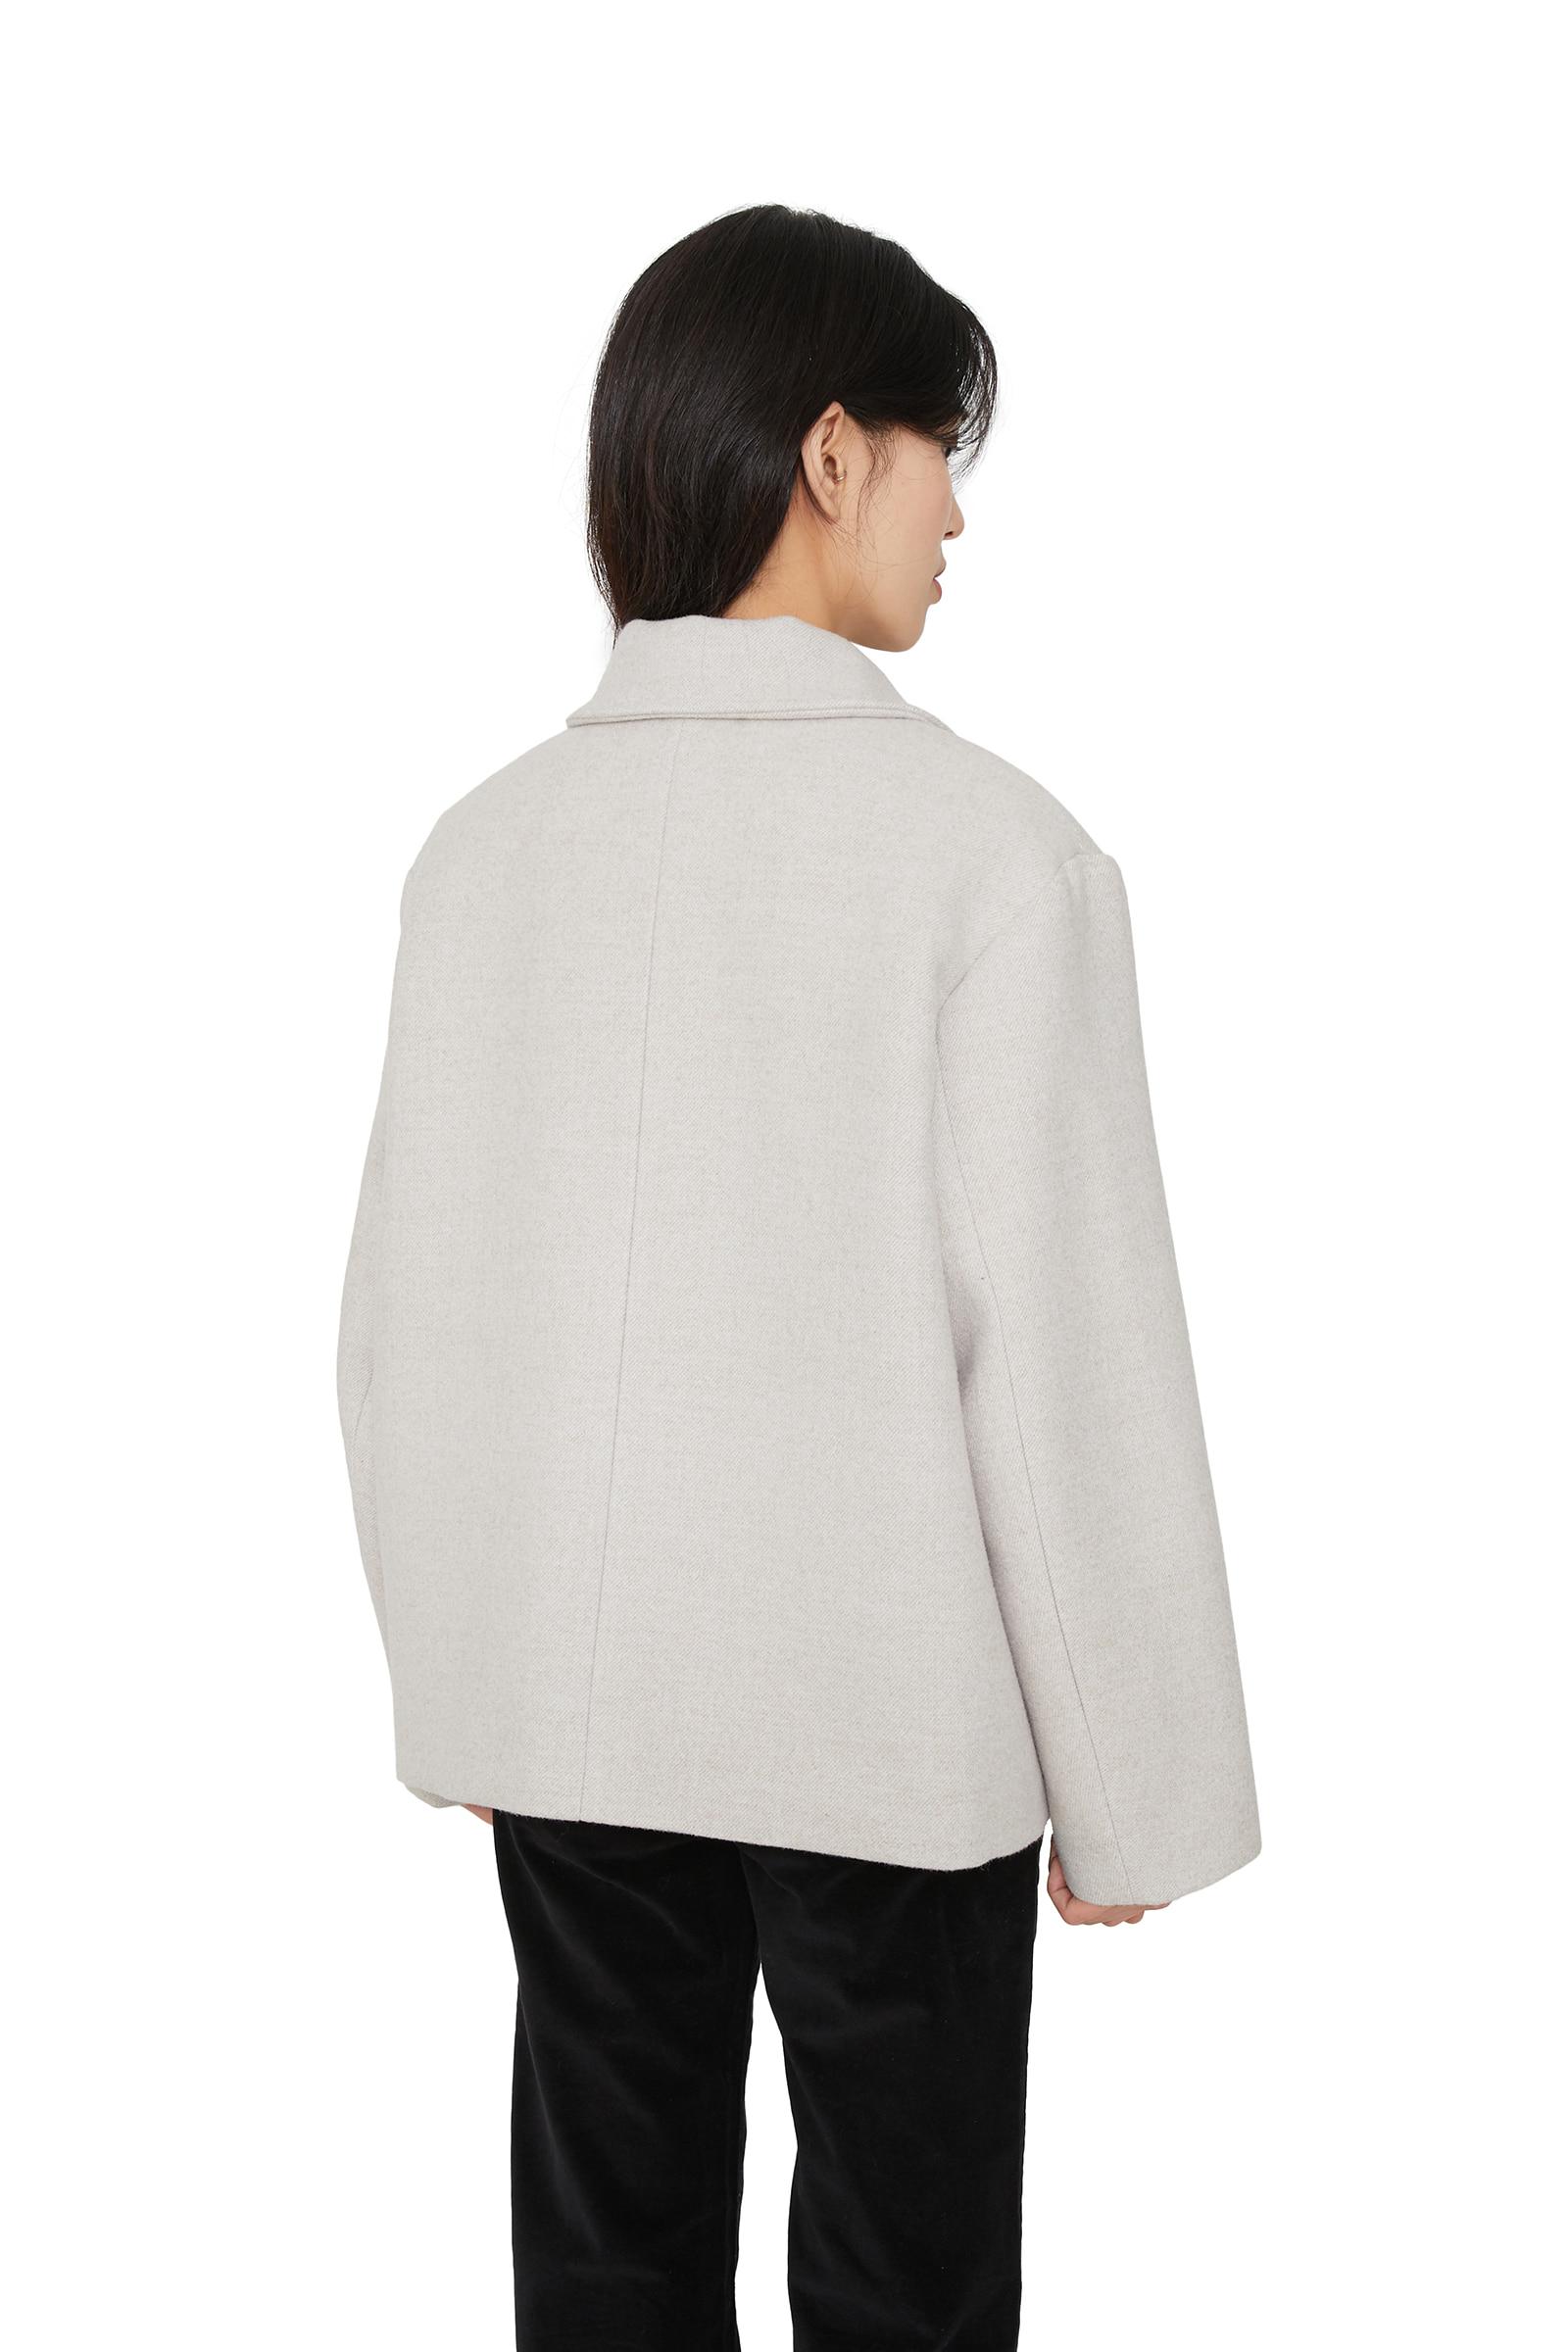 Has Round Collar Short Coat